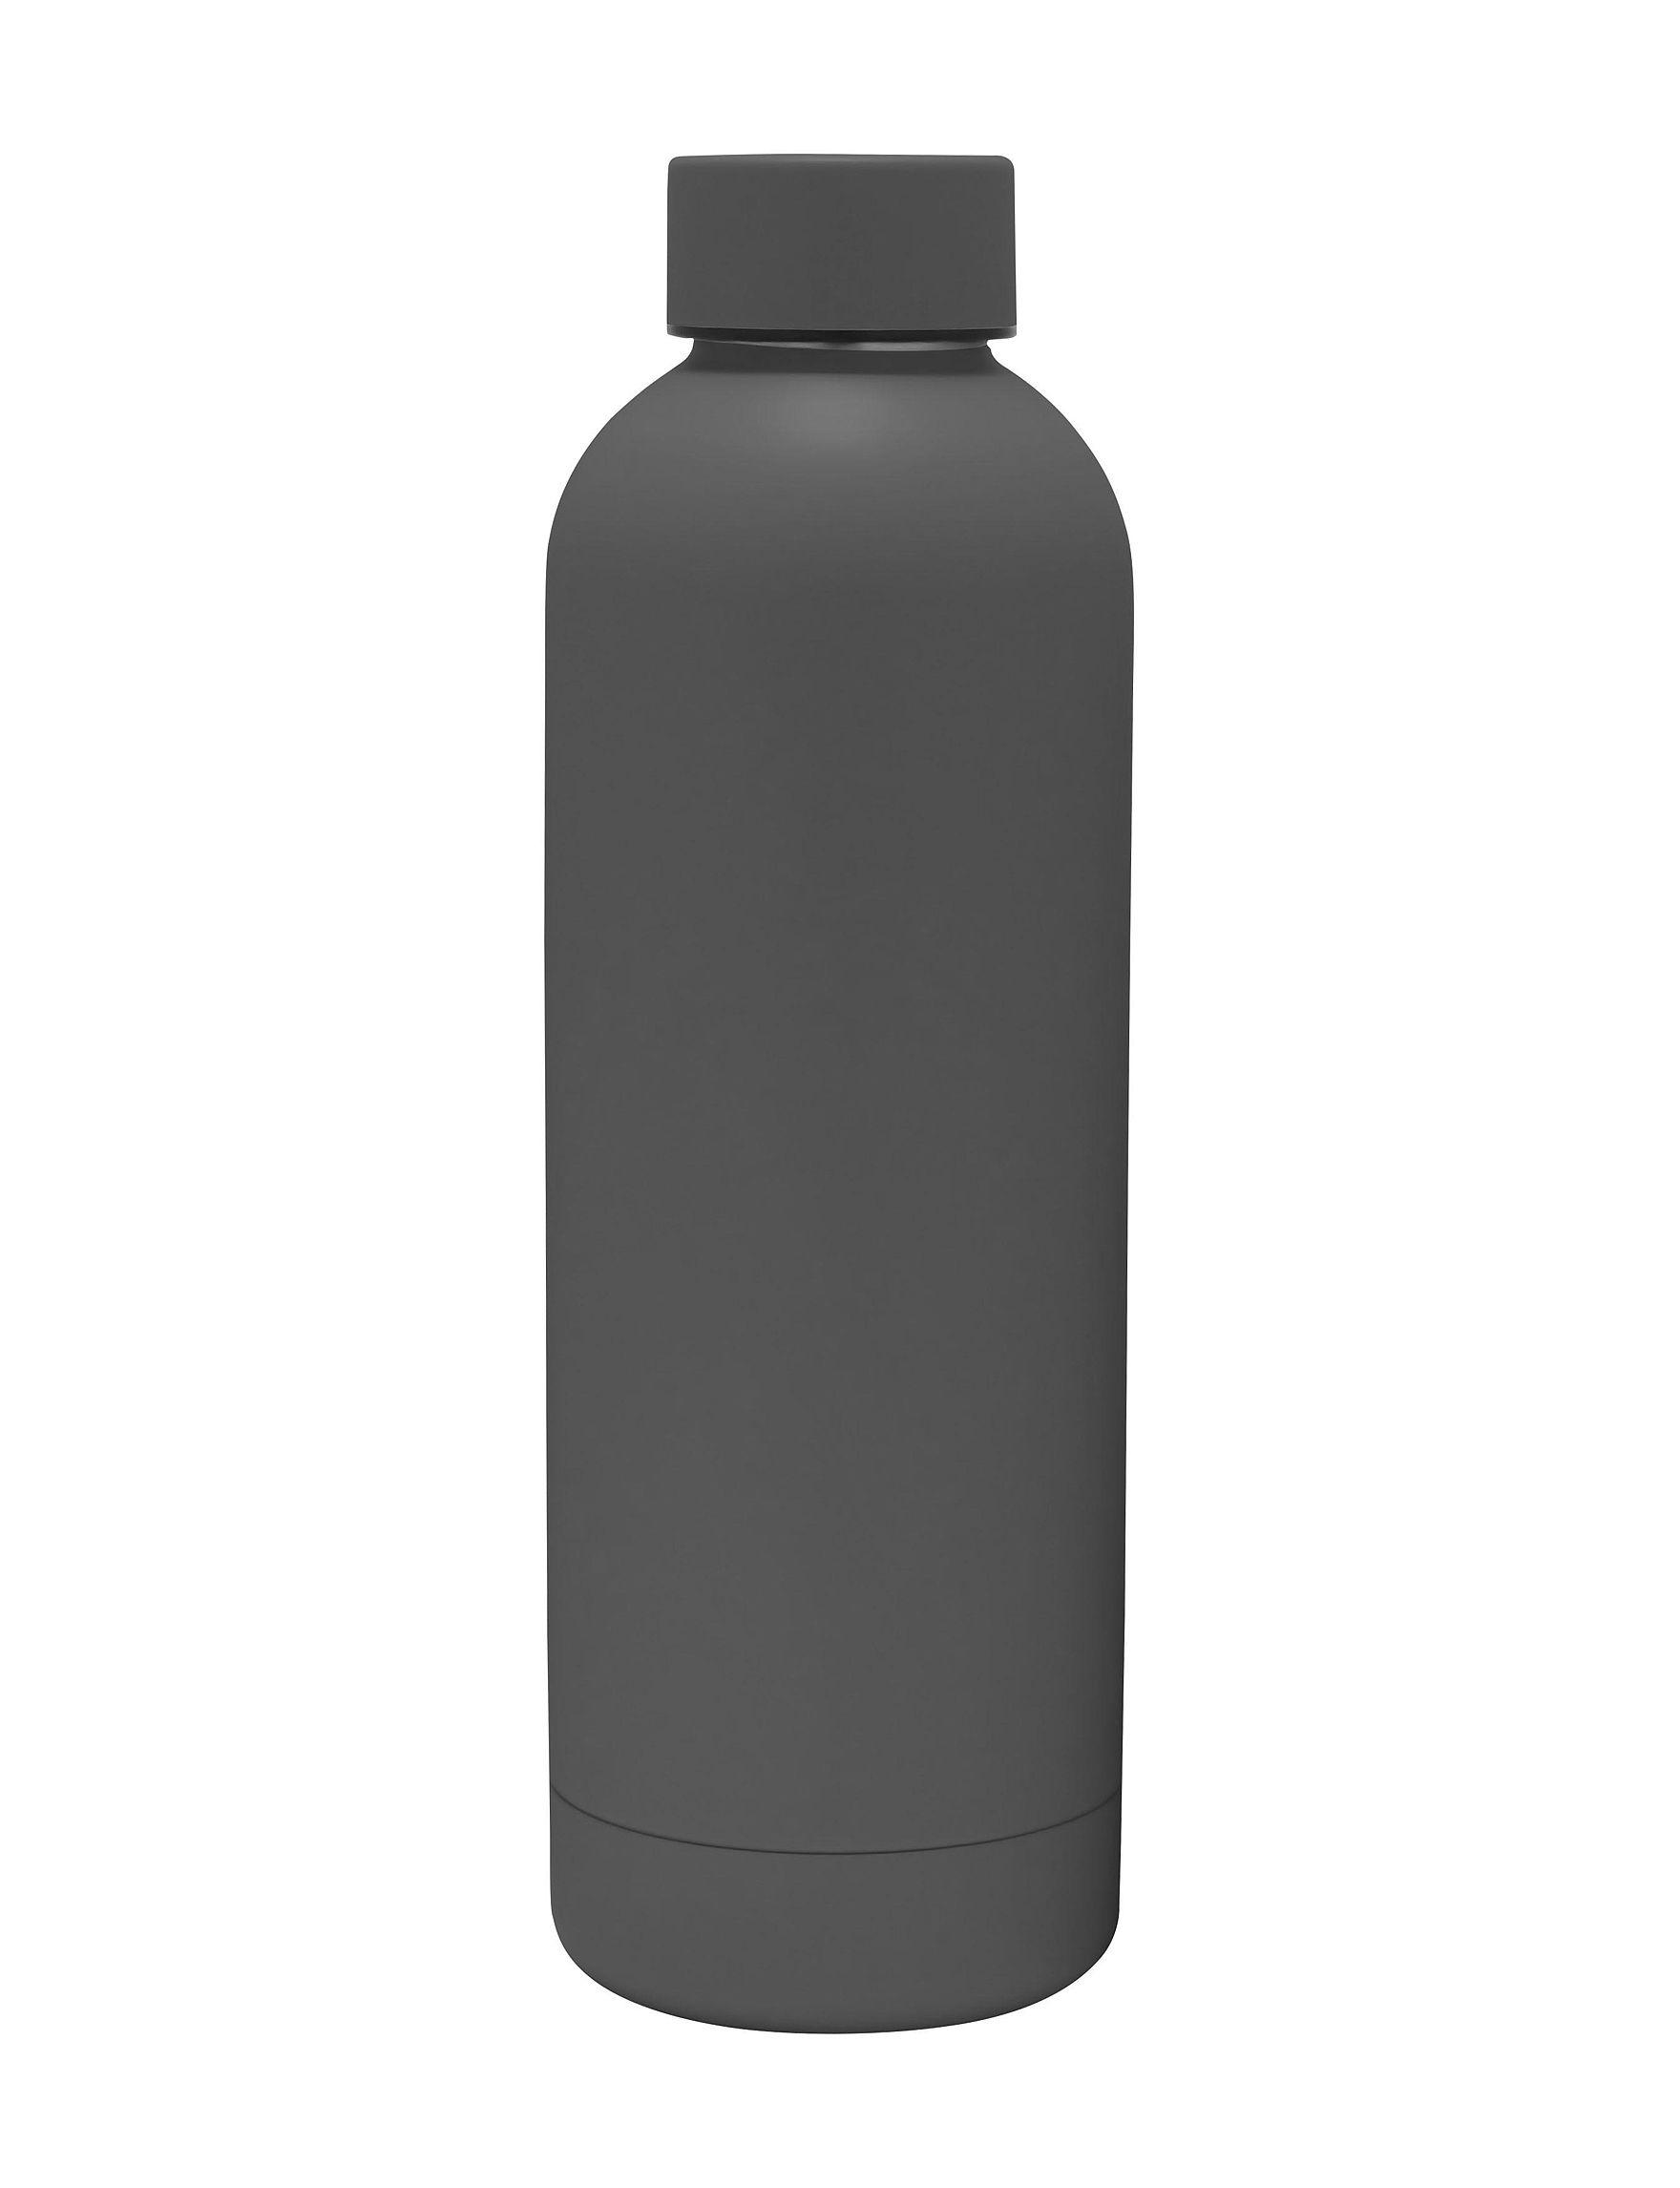 Gourmet Home Grey Water Bottles Drinkware